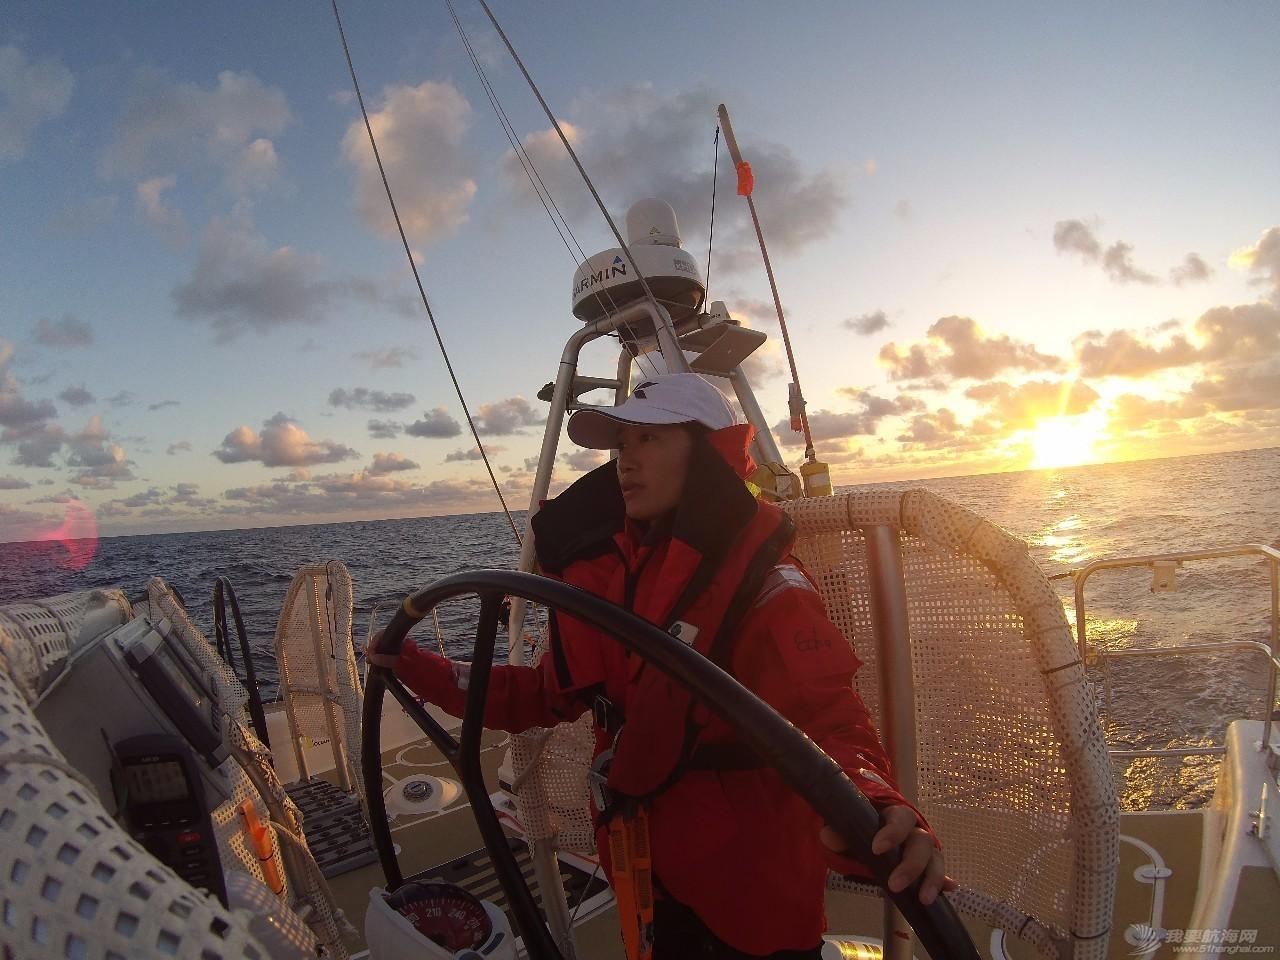 22岁她才见到海,27岁她在海上看世界 b7f44c0969e967081c6393458a4db1da.jpg